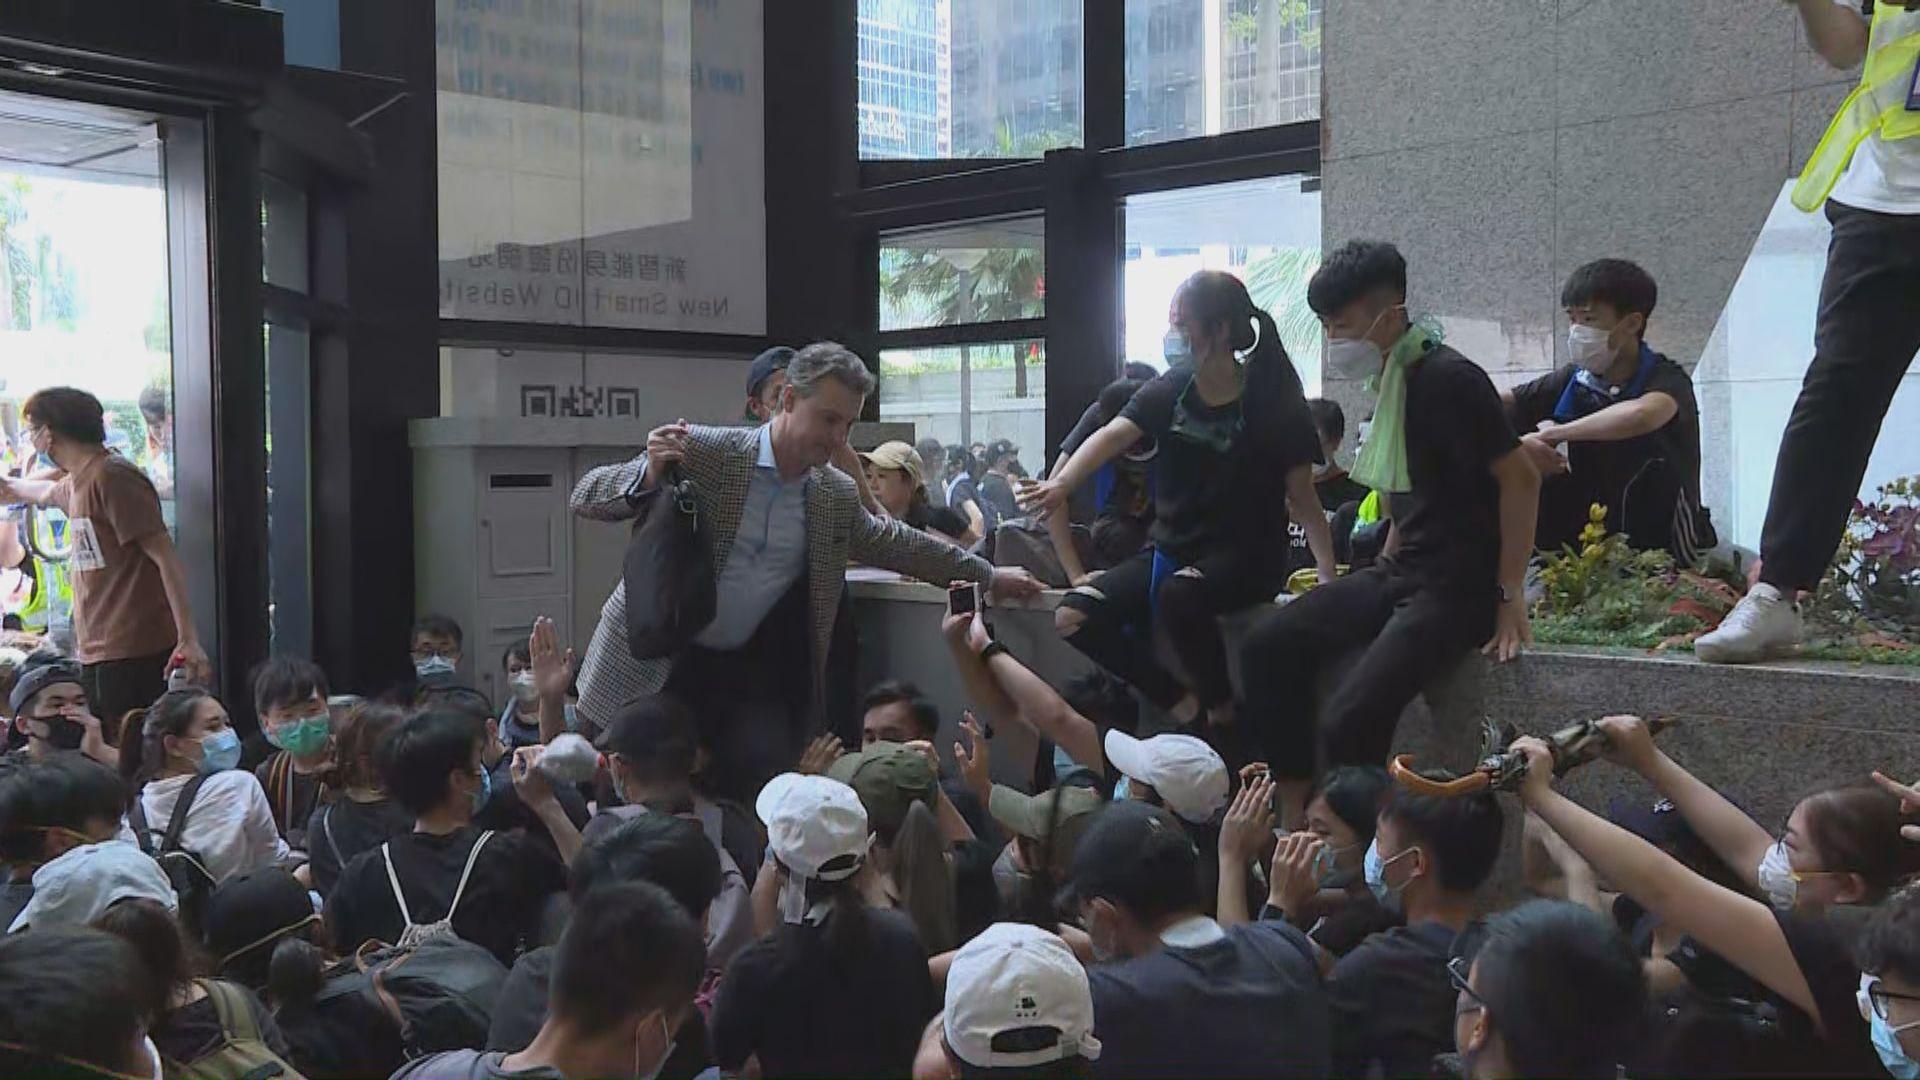 示威者佔據灣仔稅務大樓大堂